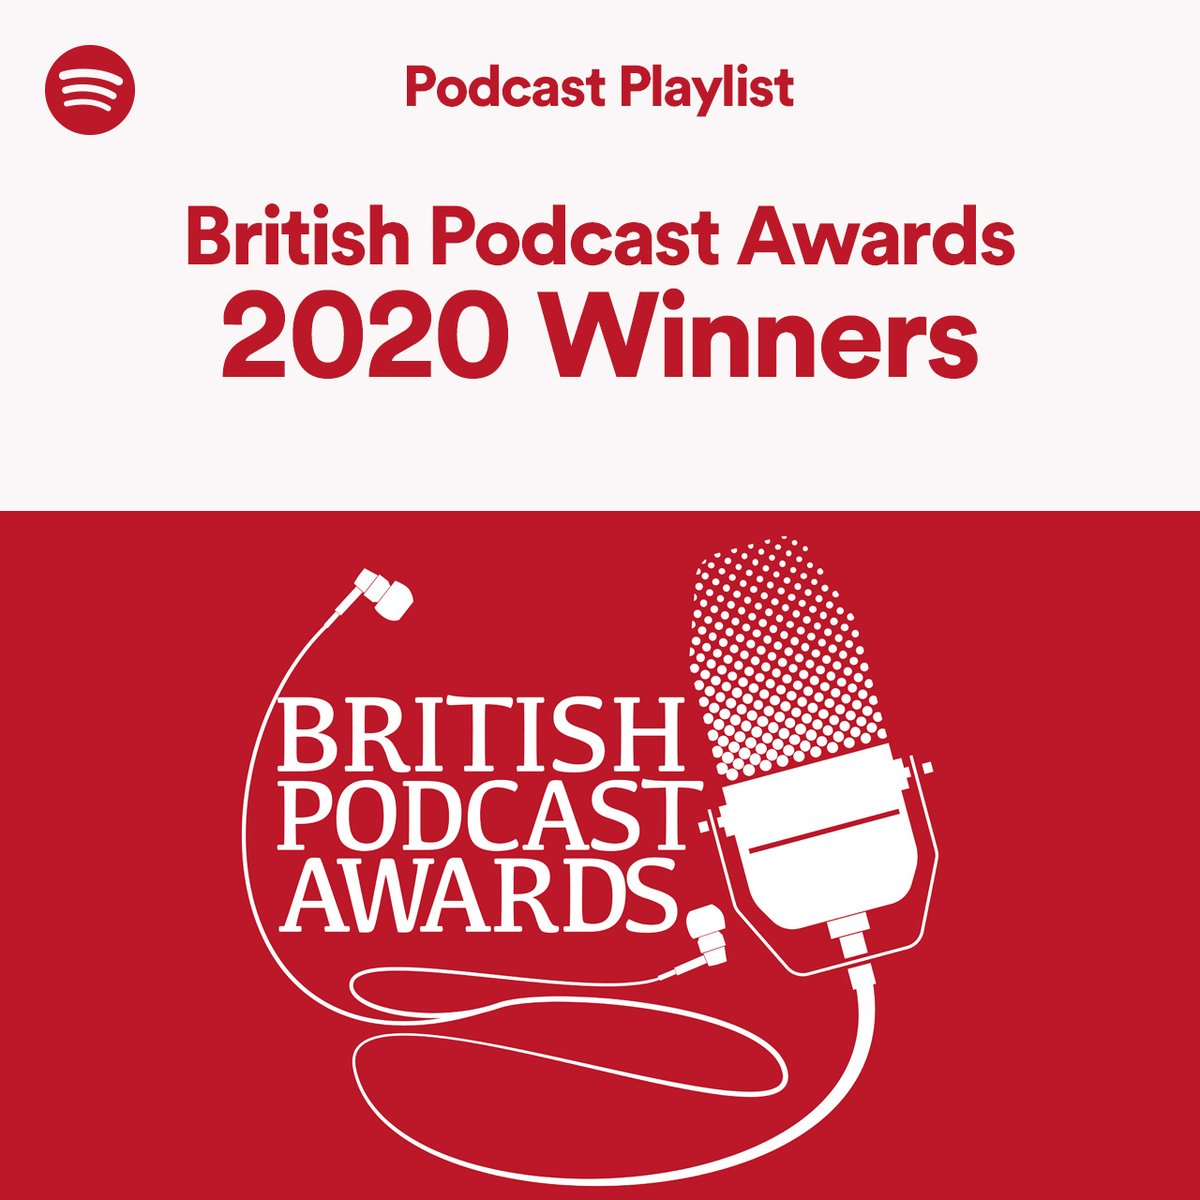 Your 2020 @britpodawards winners 👏 #britpodawards spoti.fi/3iQ1j2c